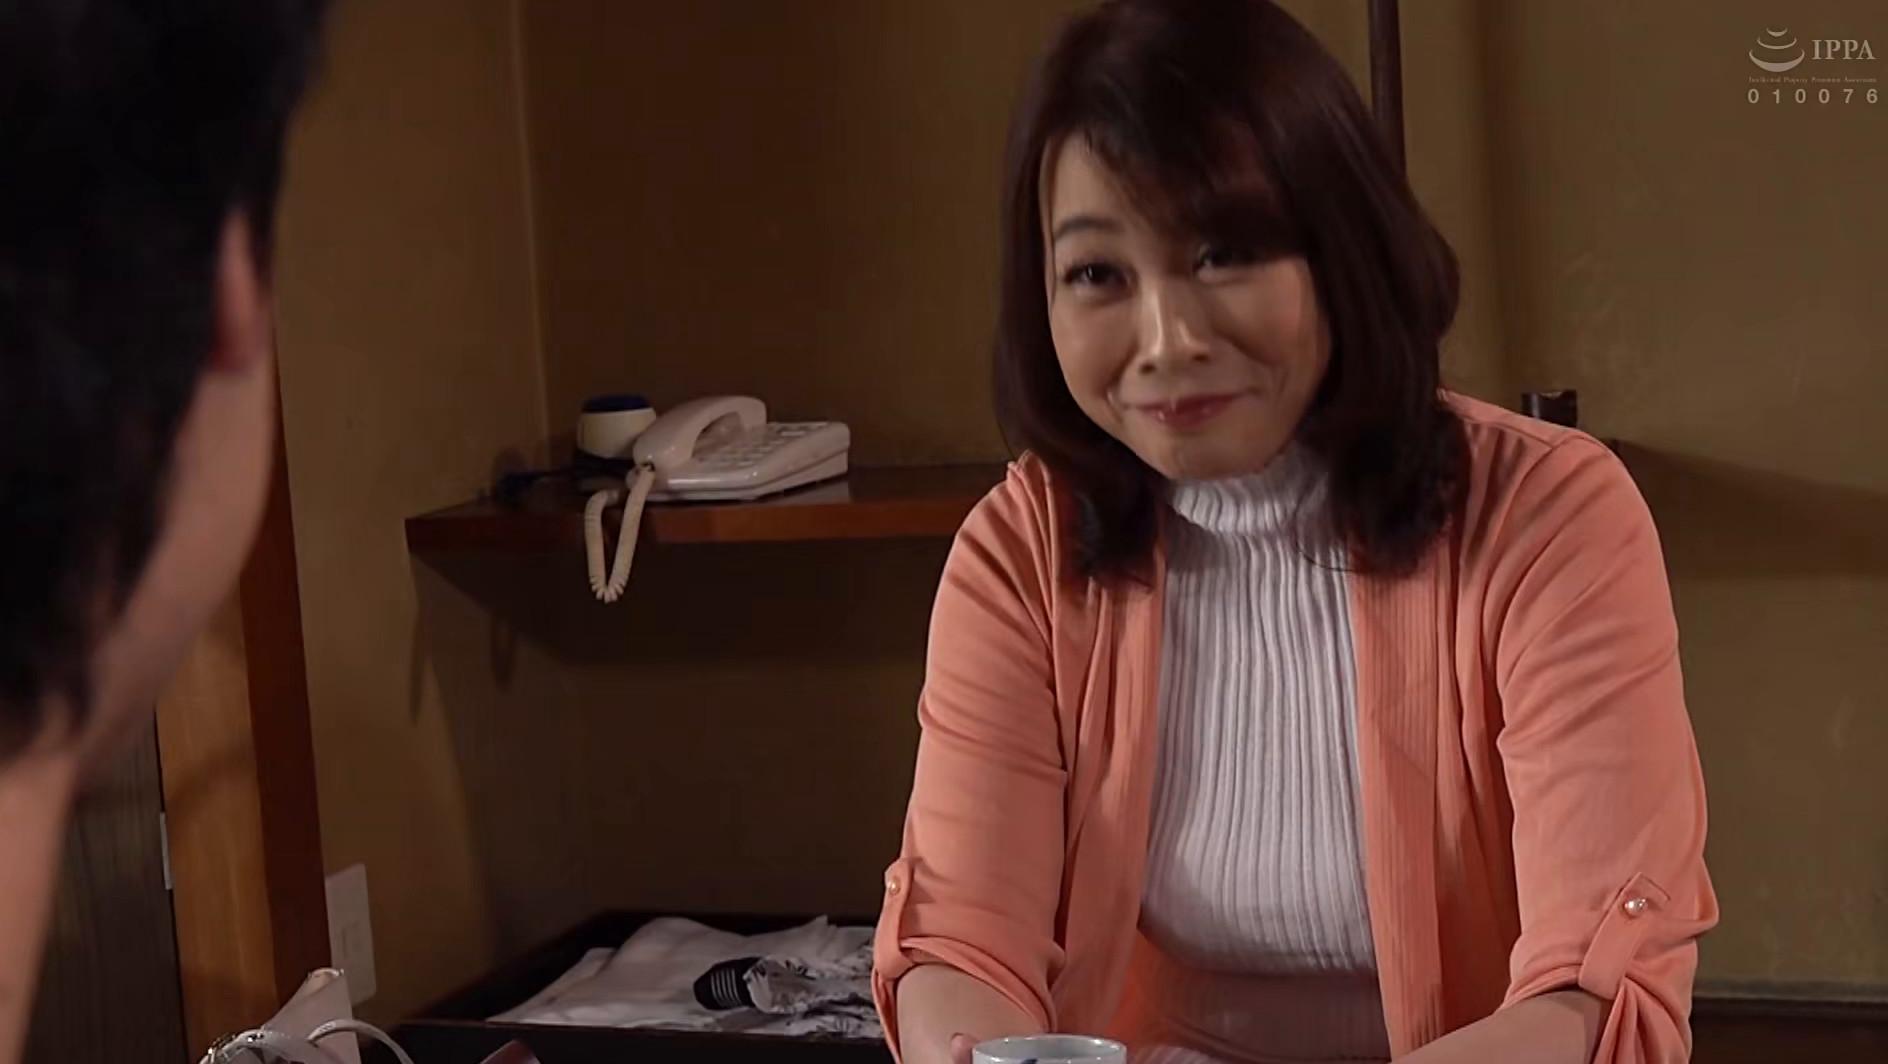 たびじ 母と子のふたり旅 佐倉由美子,のサンプル画像2